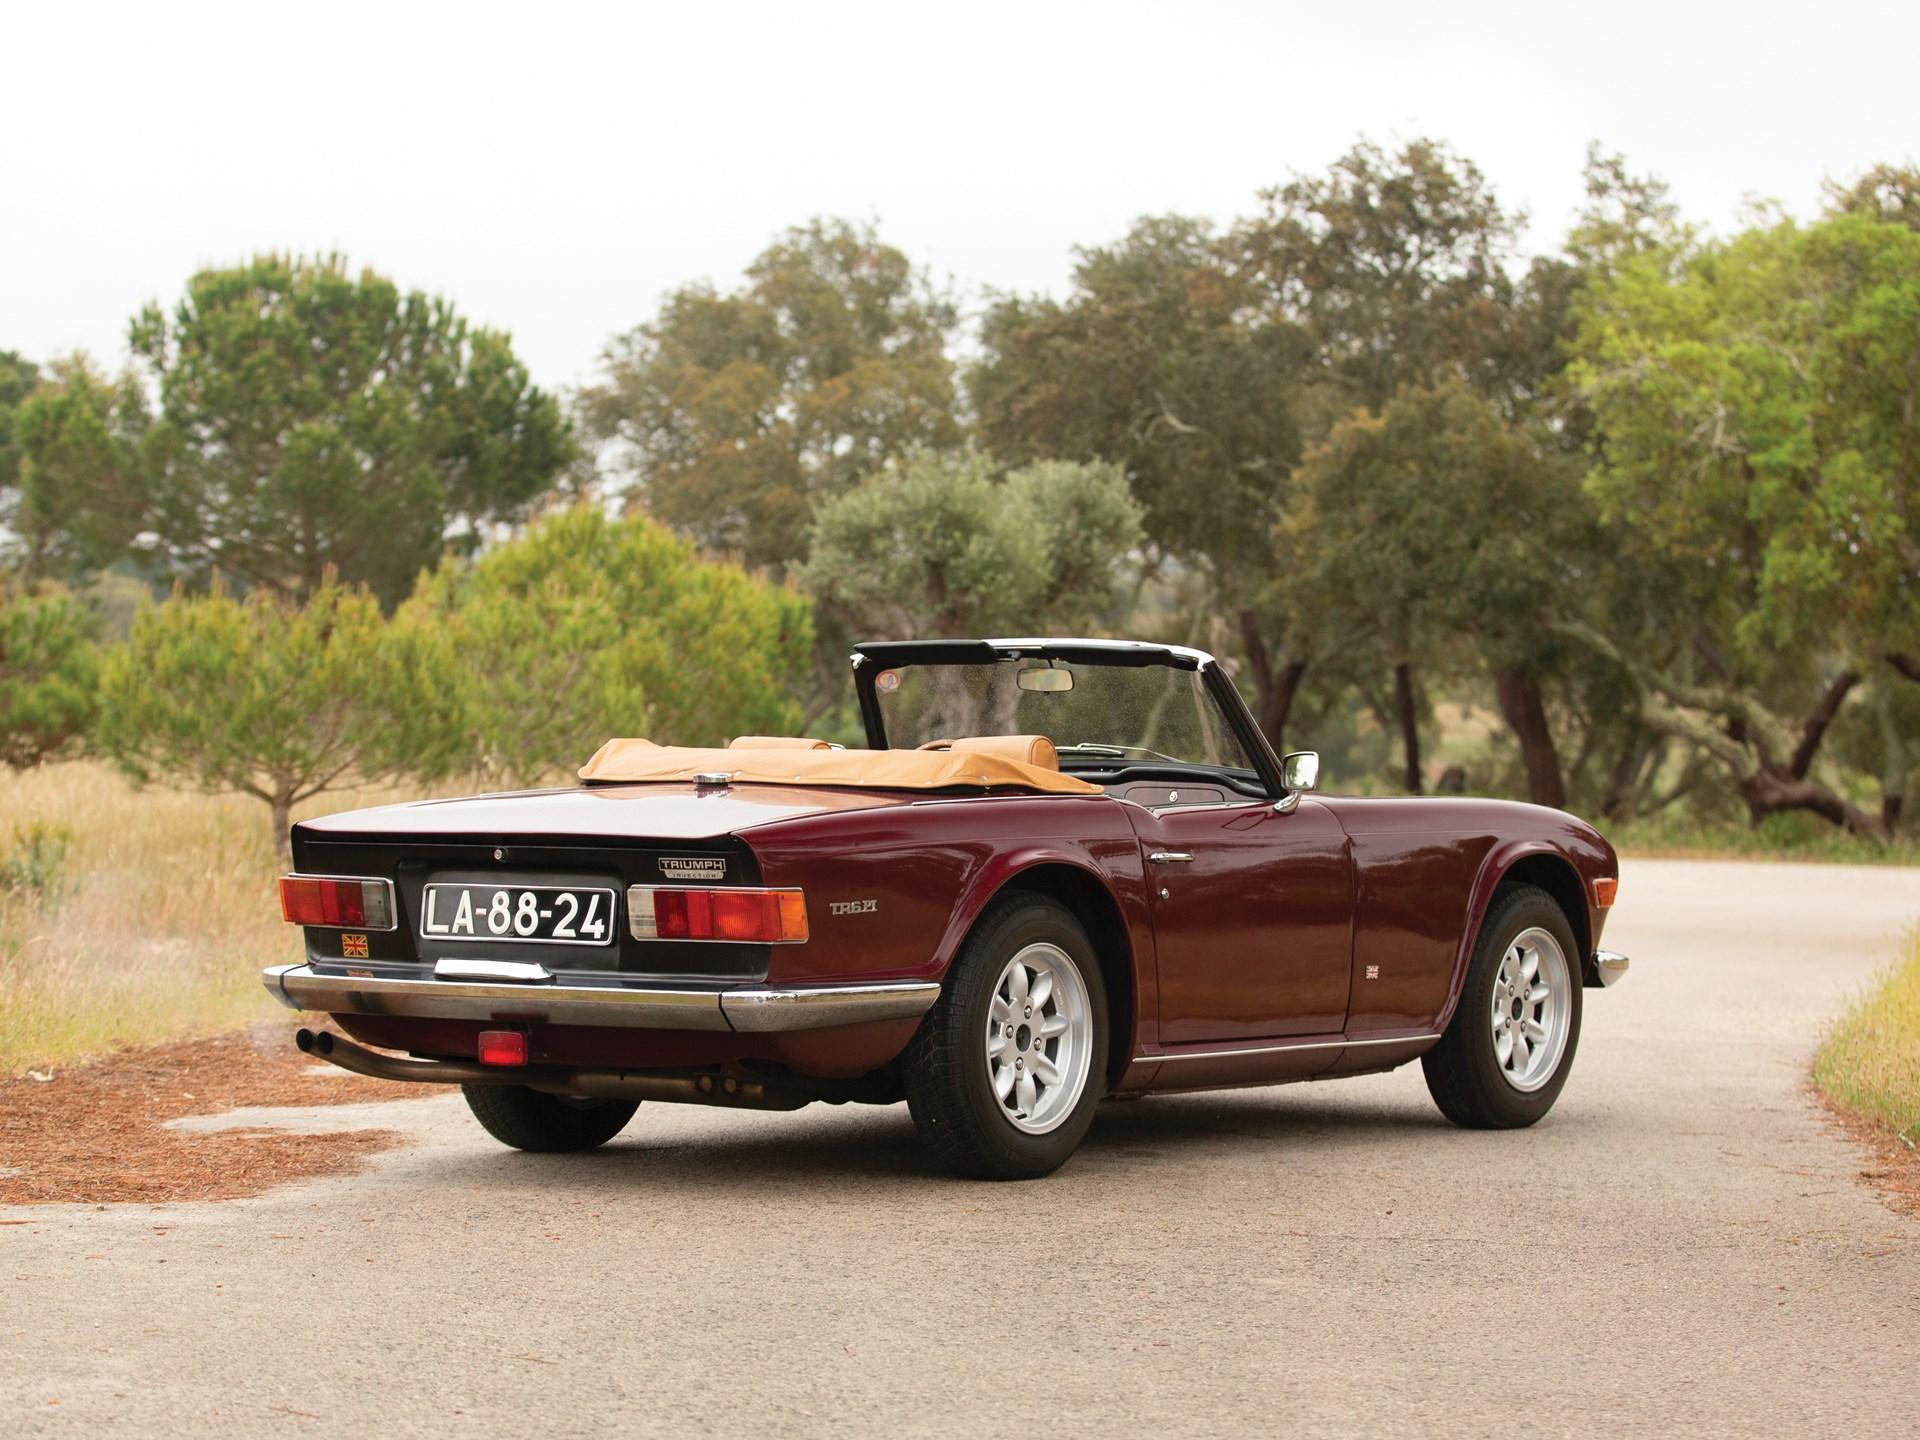 RM Sotheby's - 1969 Triumph TR6 Pi | The Sáragga Collection